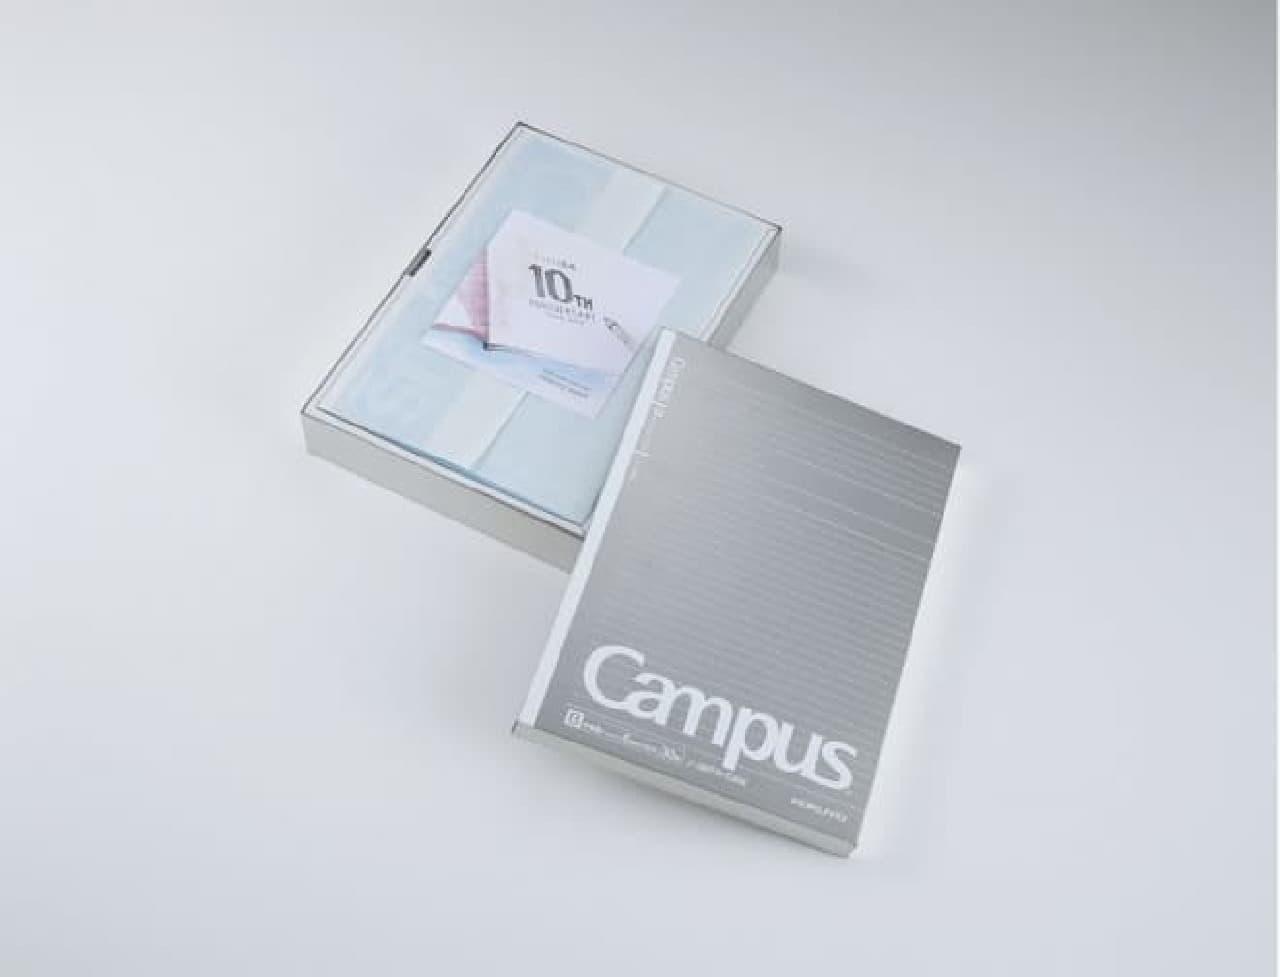 キャンパスノート ドット入り罫線ノート 保缶